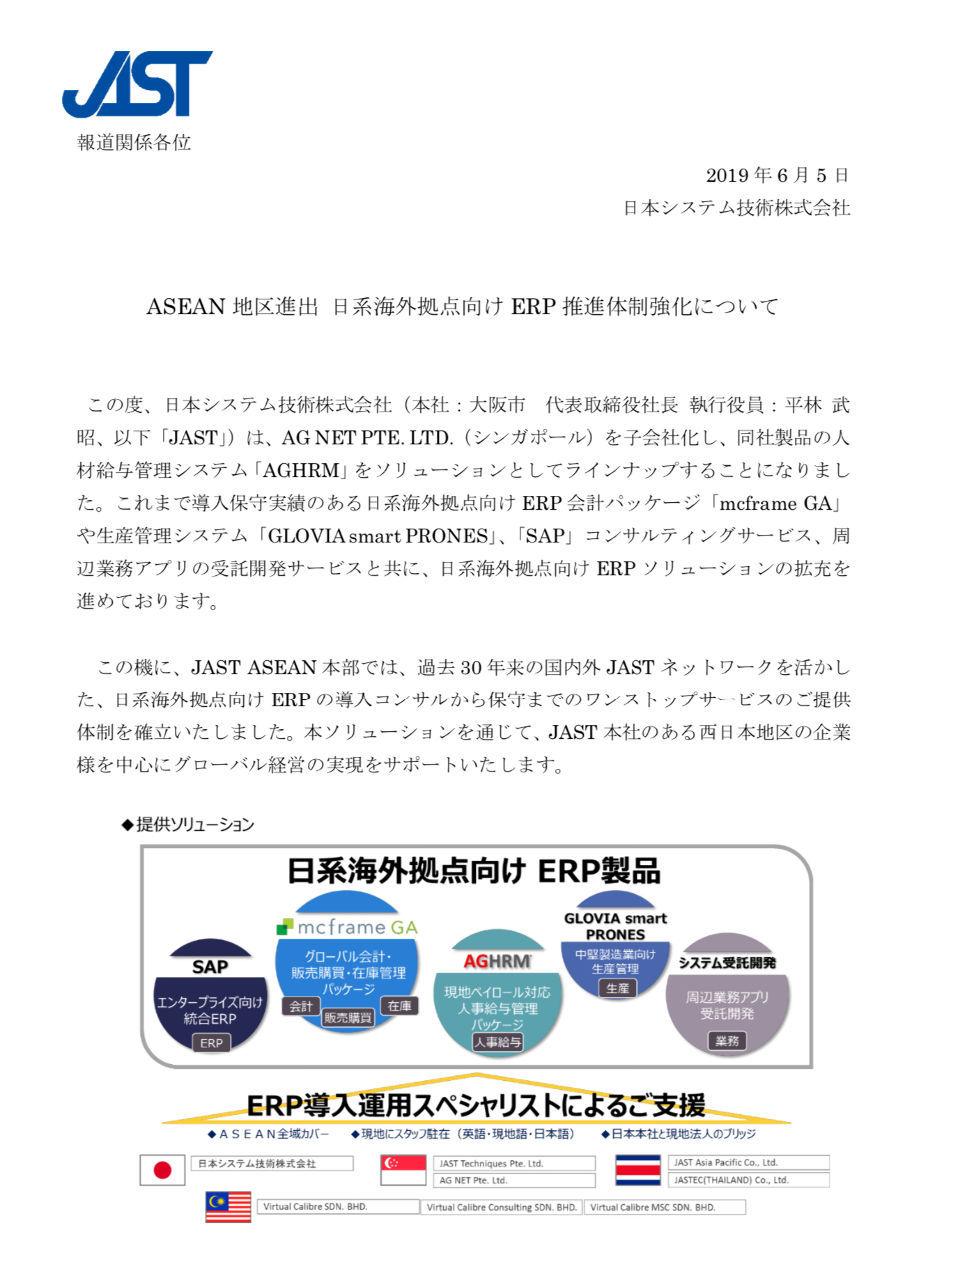 4323 - 日本システム技術(株) ですね🌟